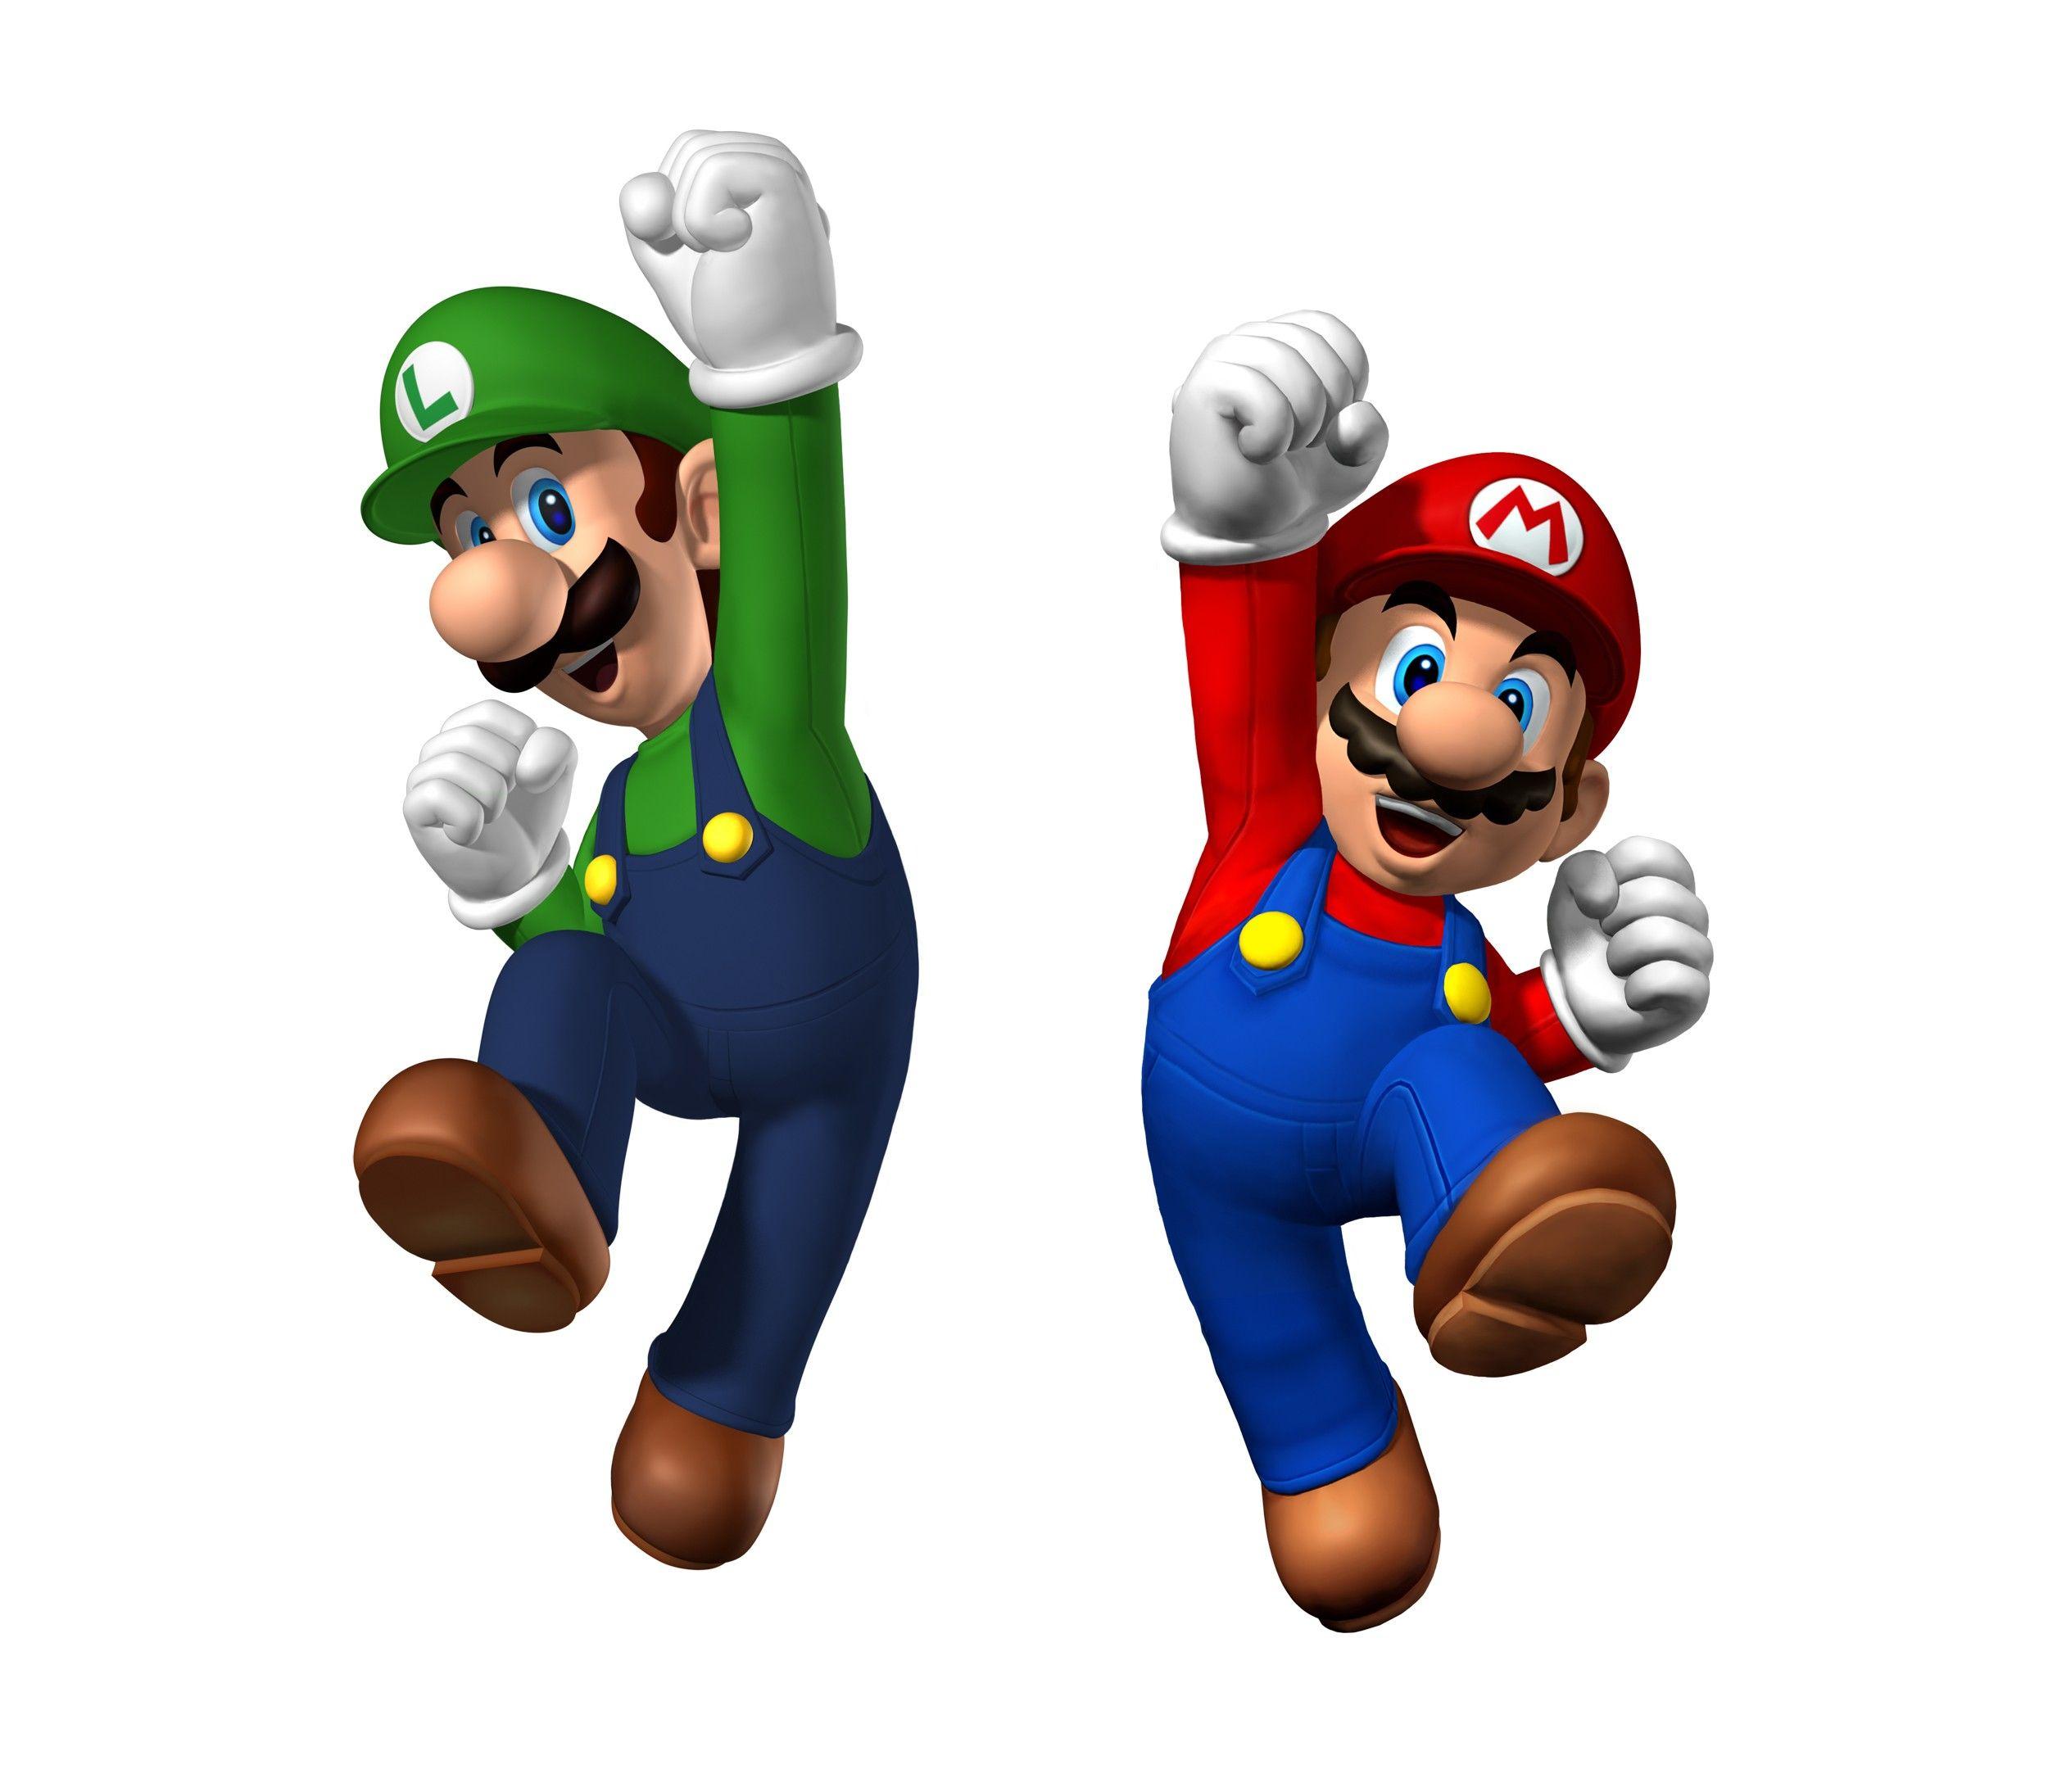 ВNintendo сообщили осоздании анимационного фильма про «Супербратьев Марио»